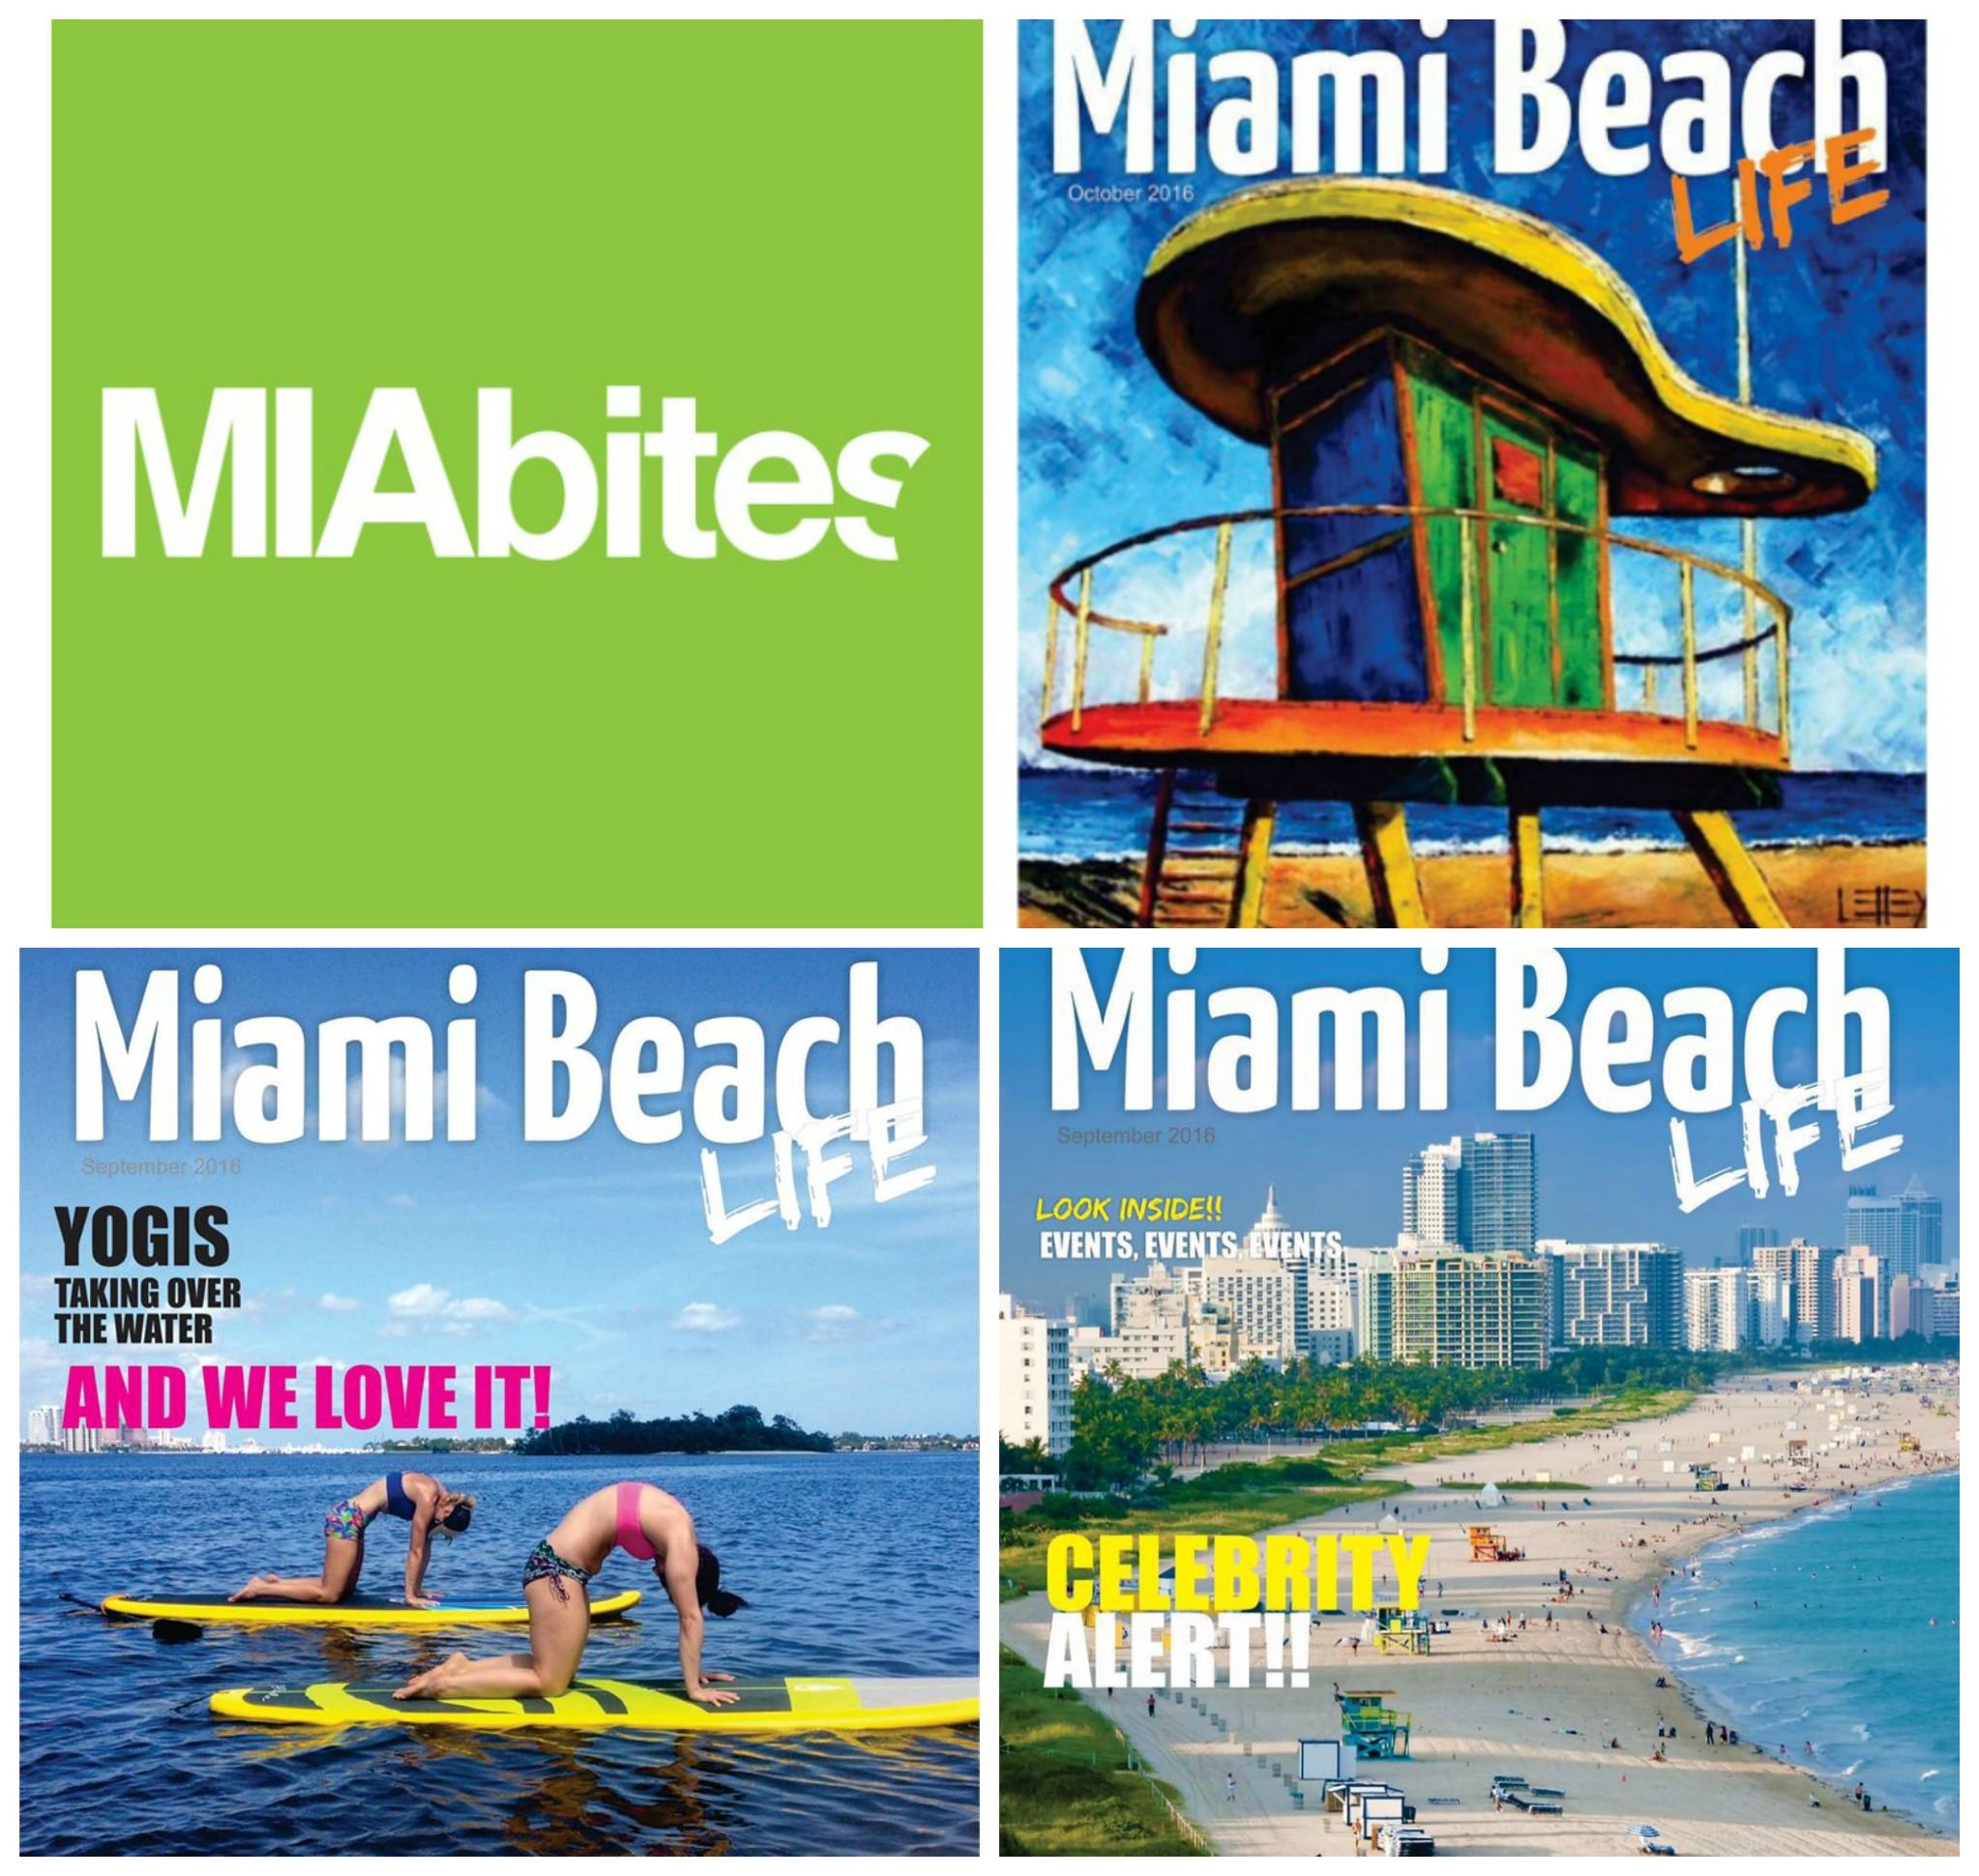 MIAbites and Miami Beach Life Magazine